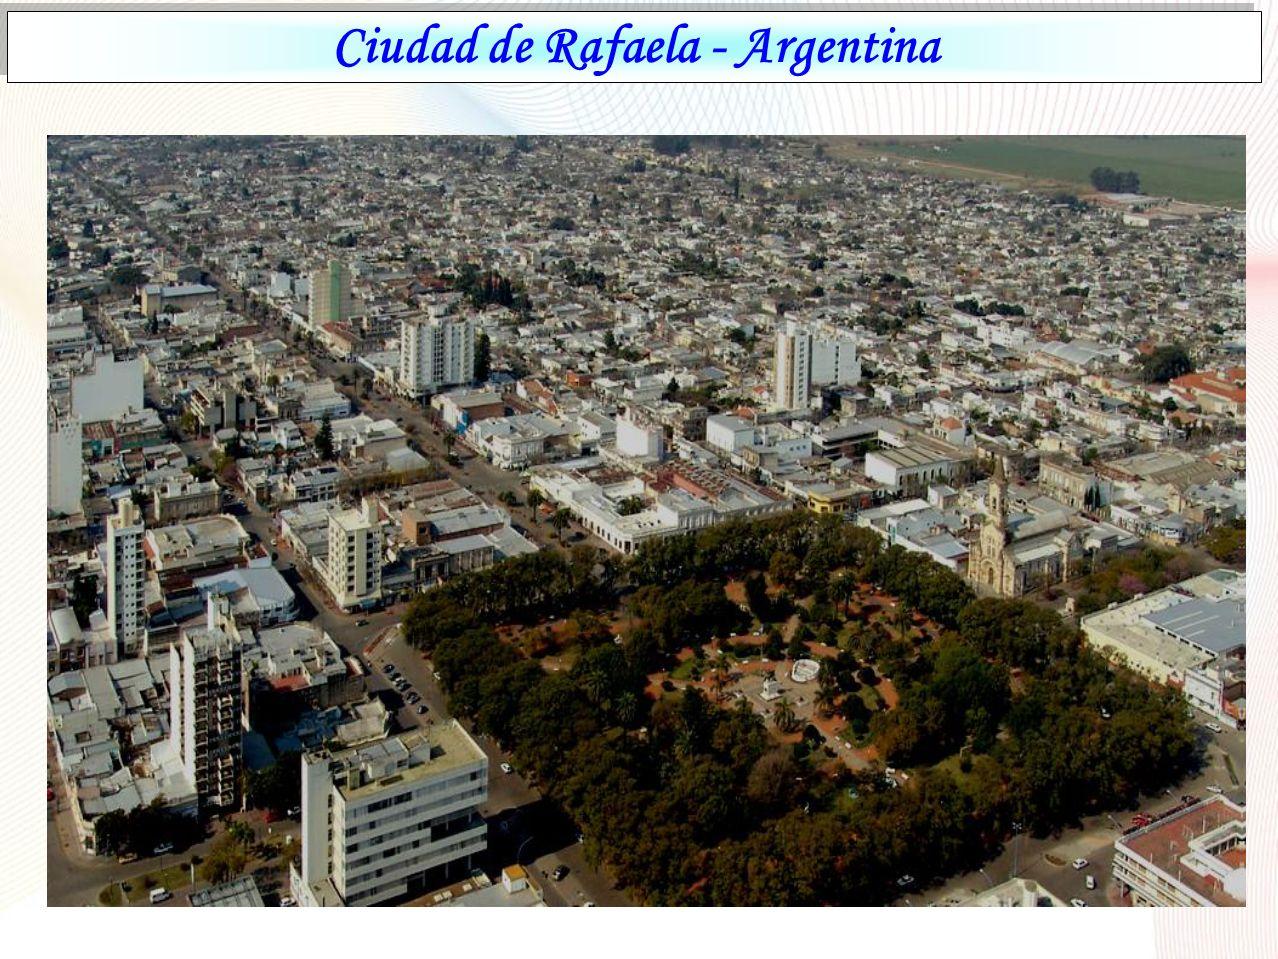 Ciudad de Rafaela - Argentina